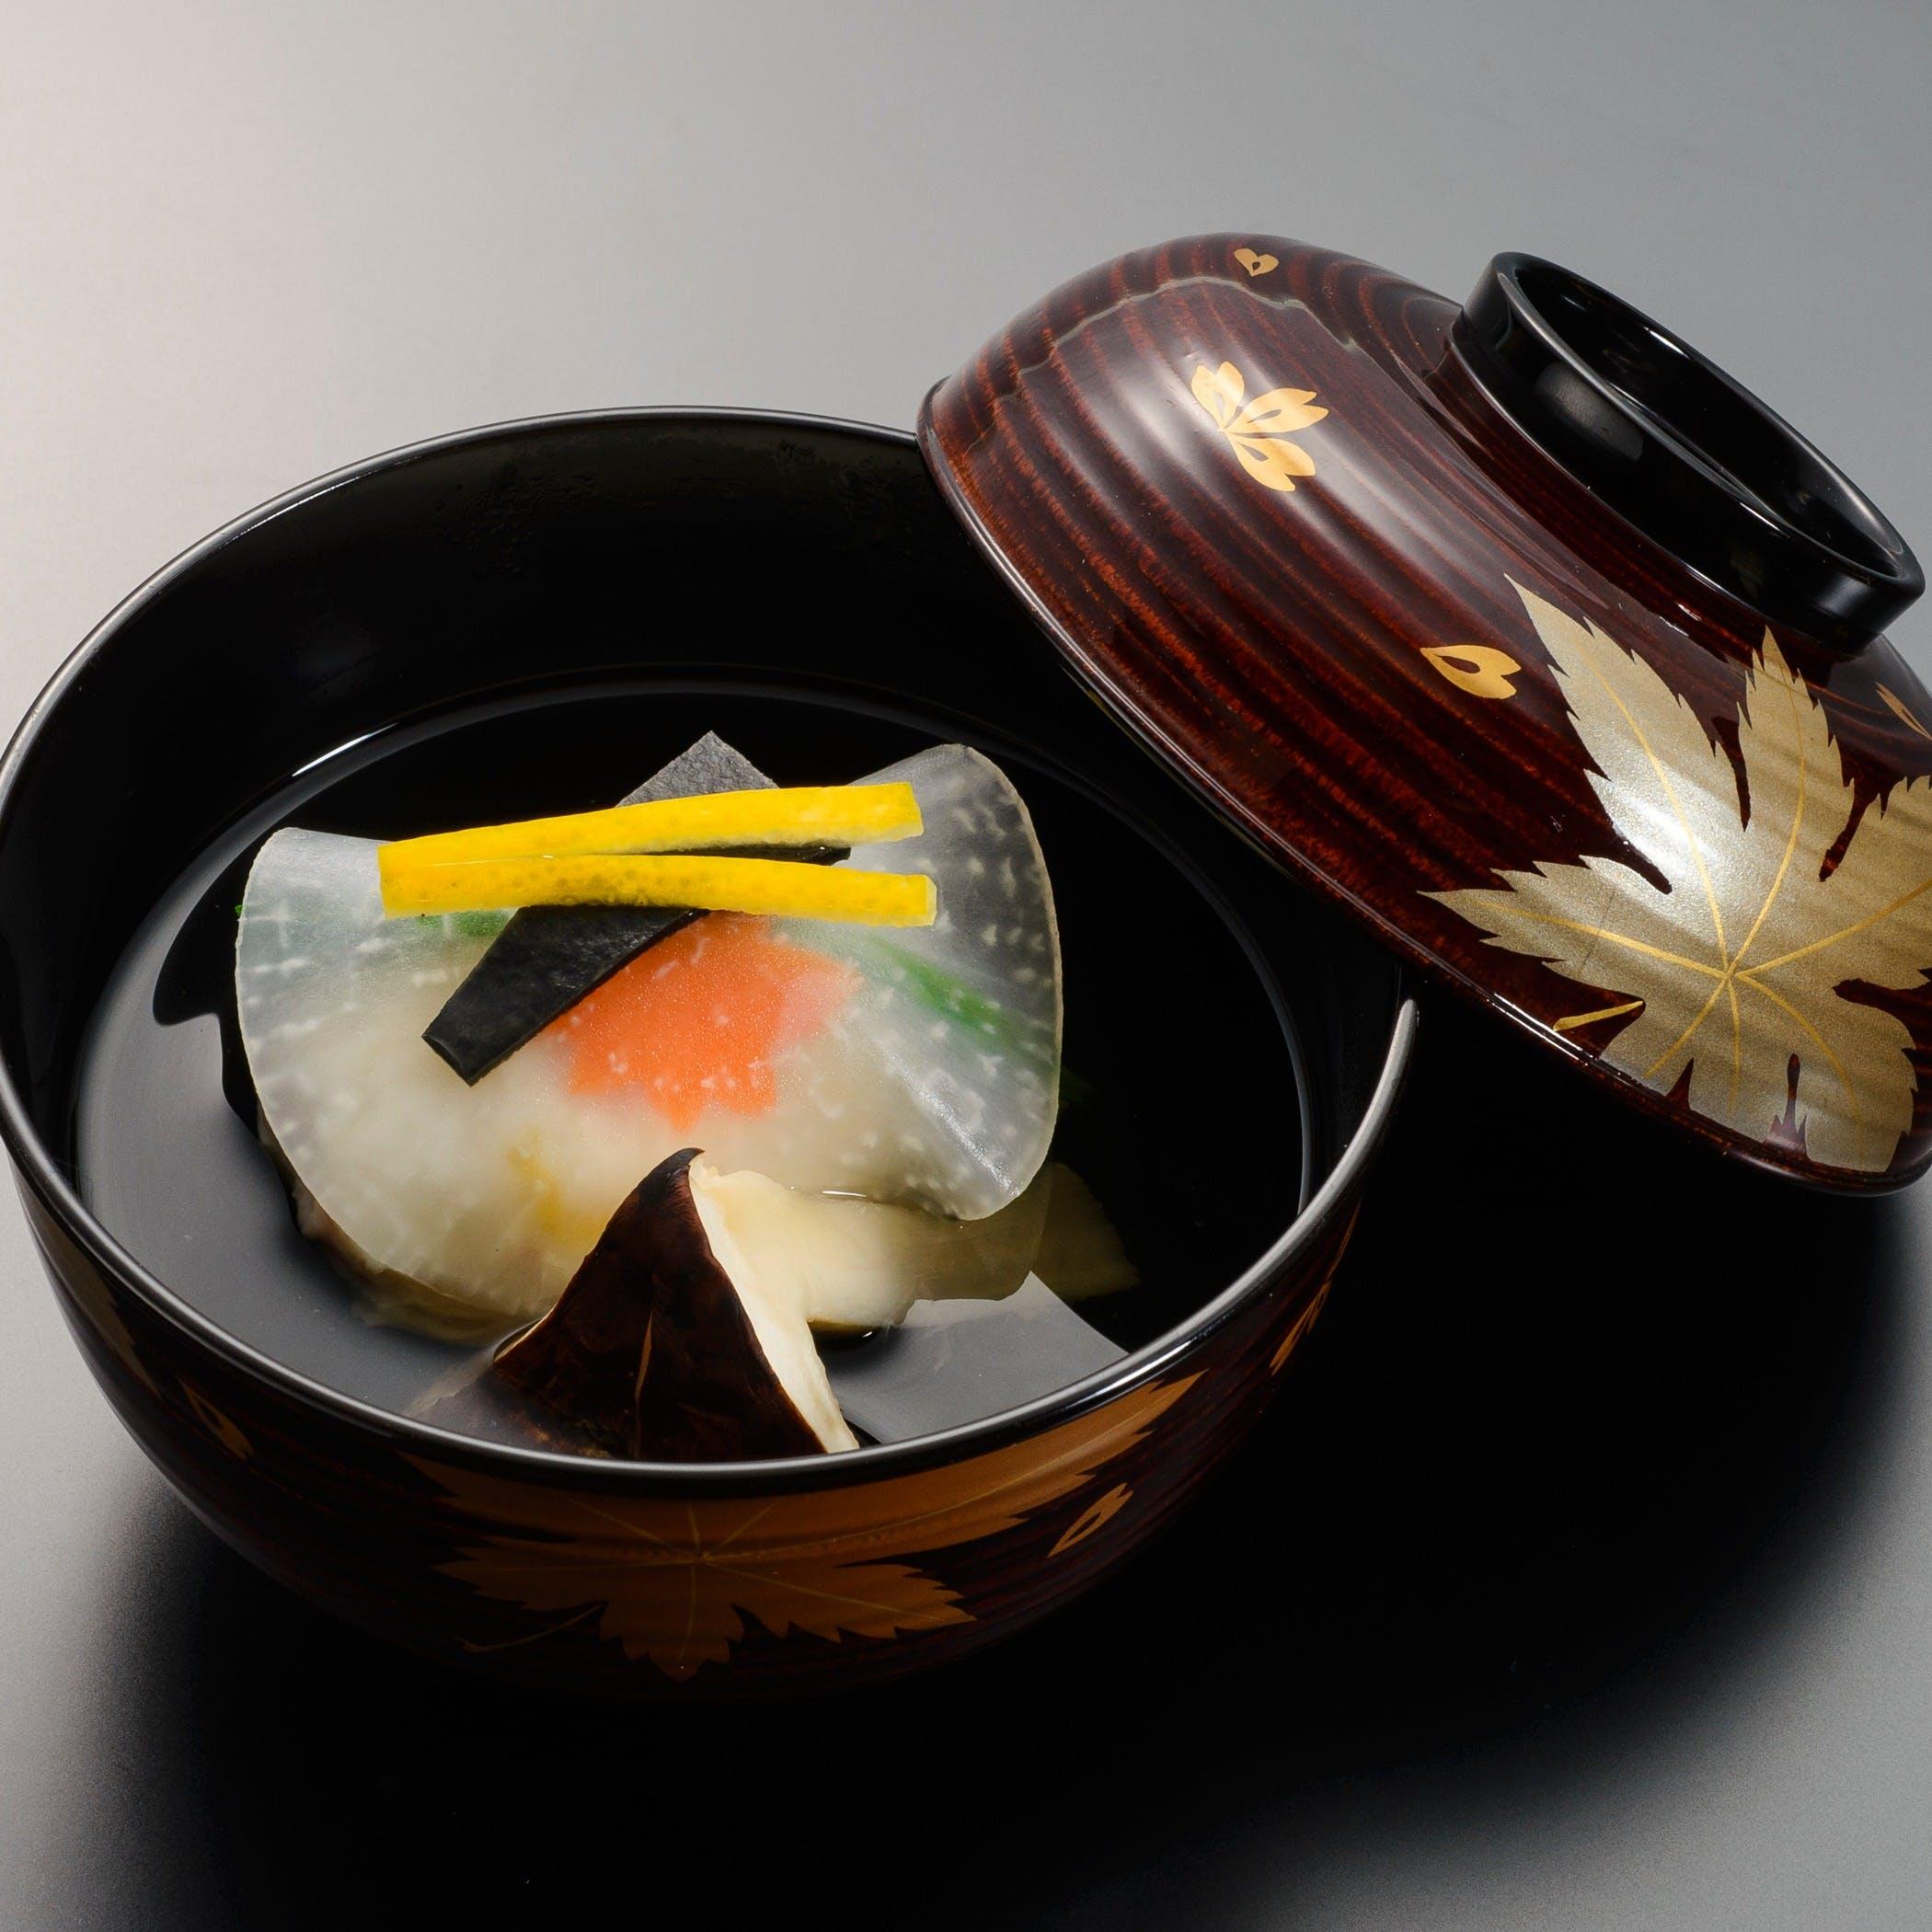 『たん熊』創業の地の当店で四季の風趣を凝らした京料理をご賞味ください